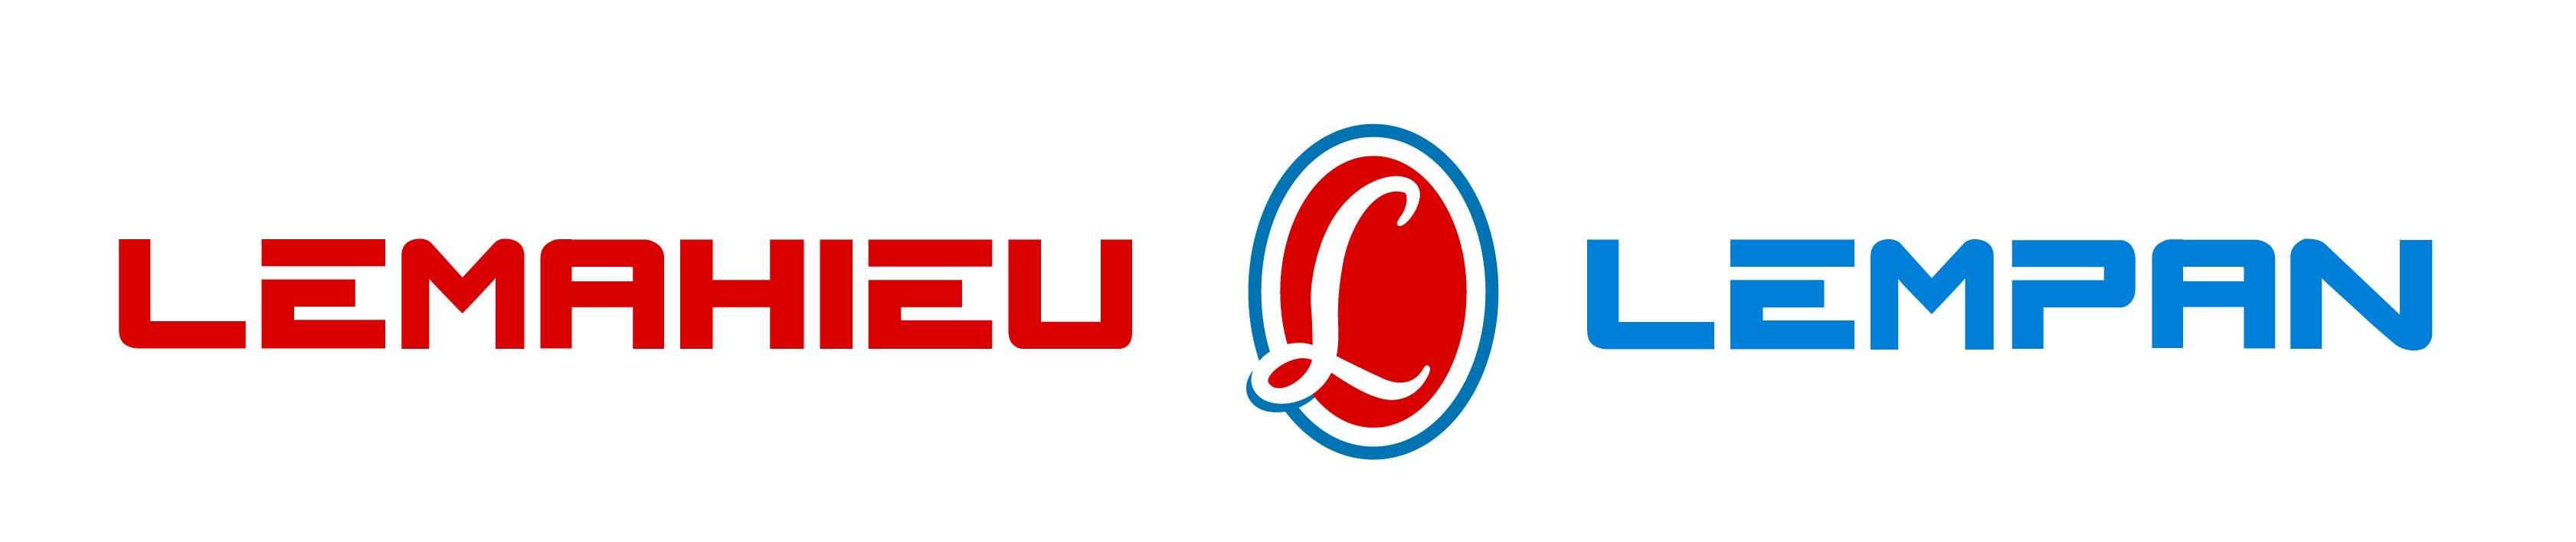 logo_Lemahieu-Lempan-02